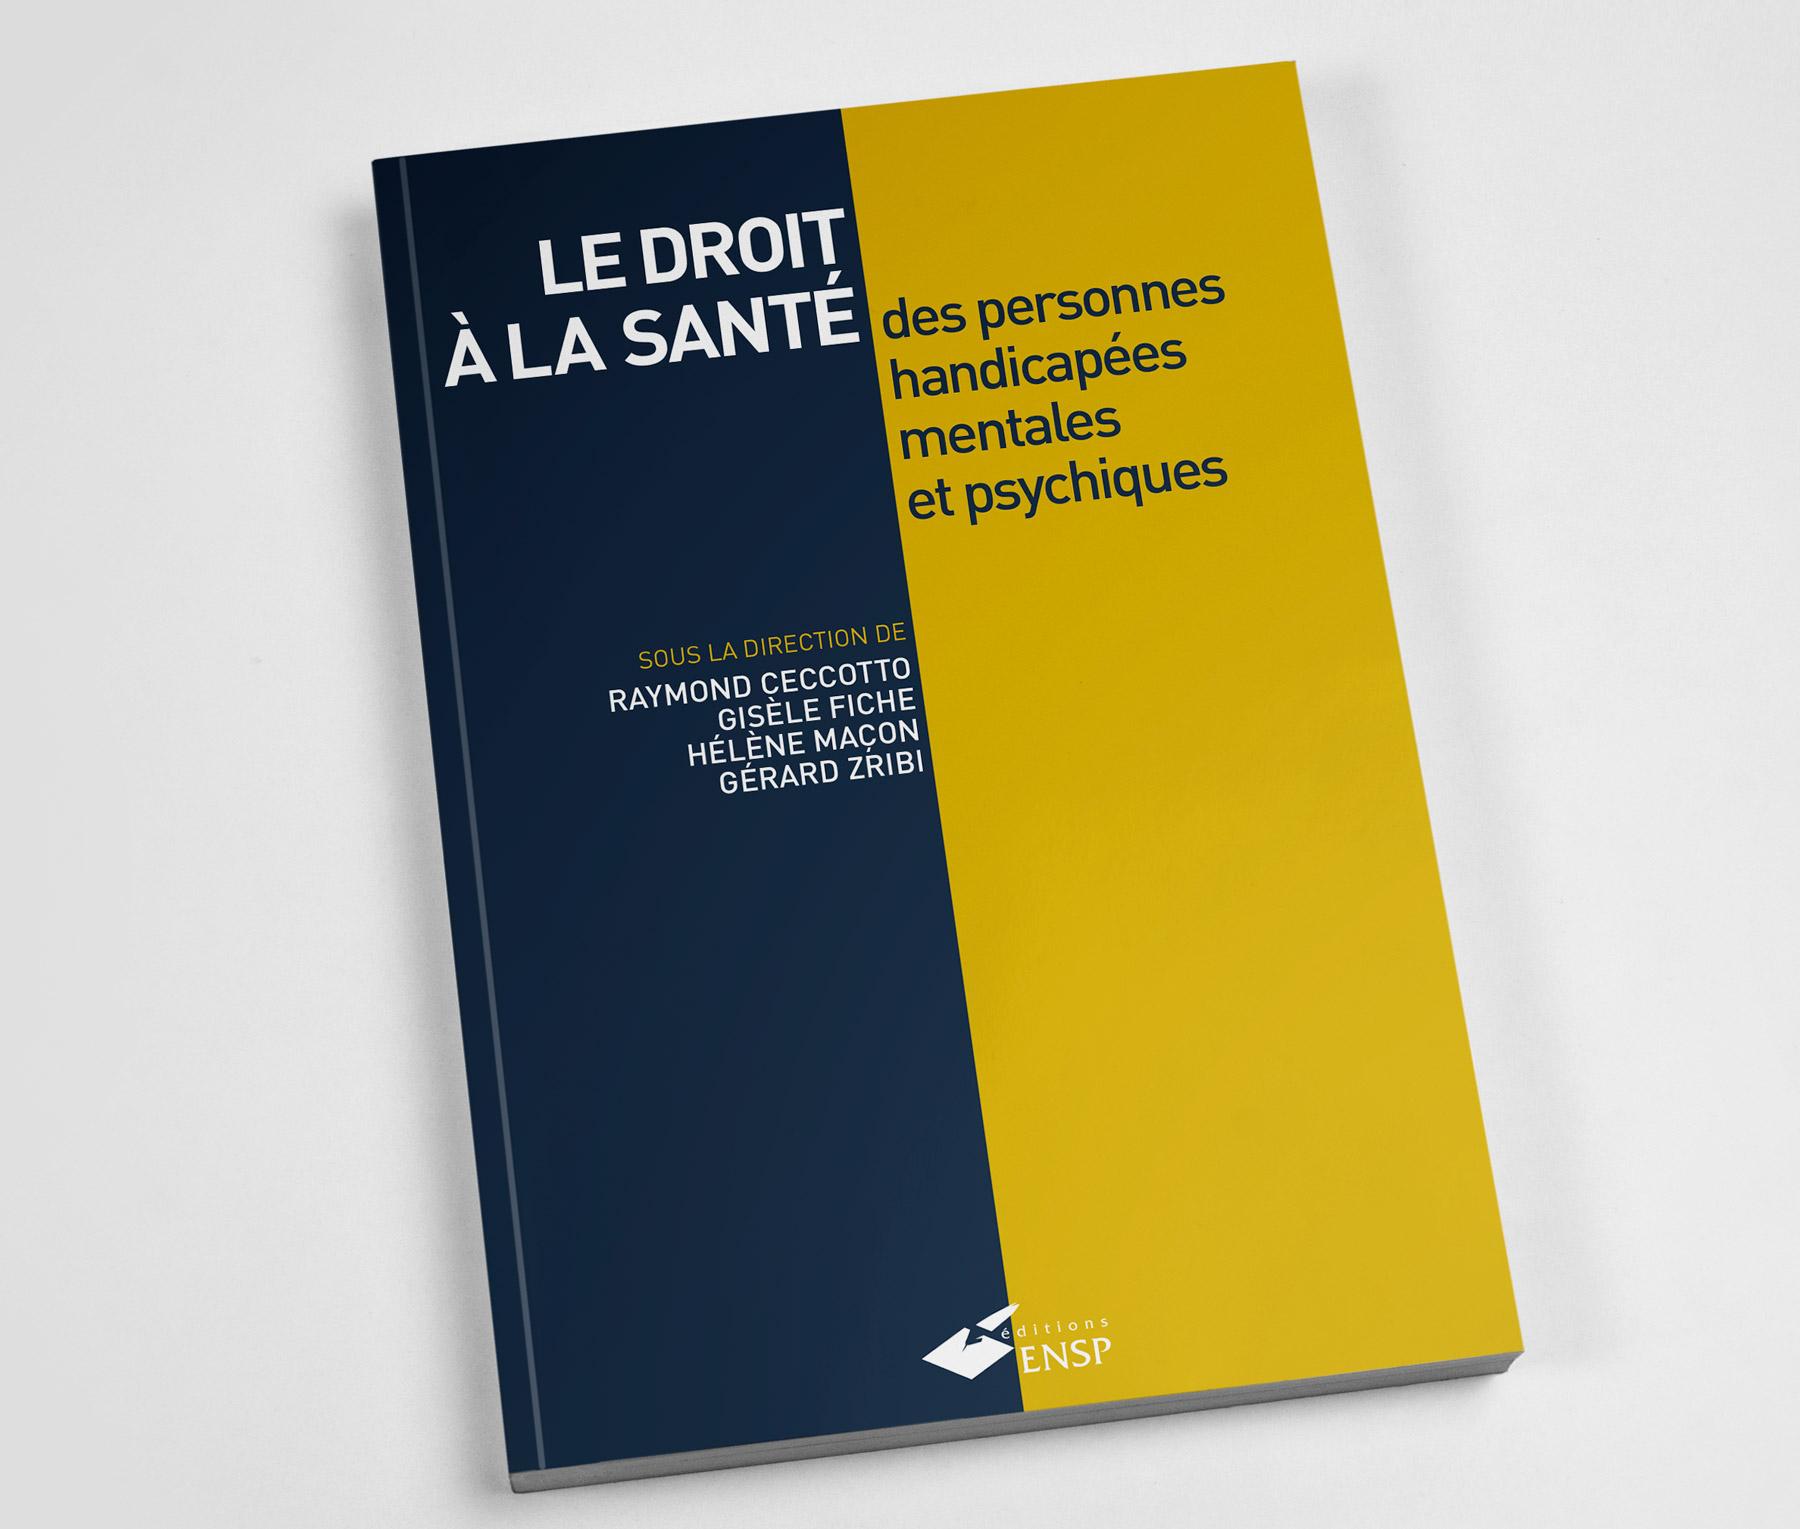 Publication Le droit à la santé des personnes handicapées mentales et psychiques par Gérard Zribi, Hélène Maçon, Gisèle Fiche et Raymond Ceccotto